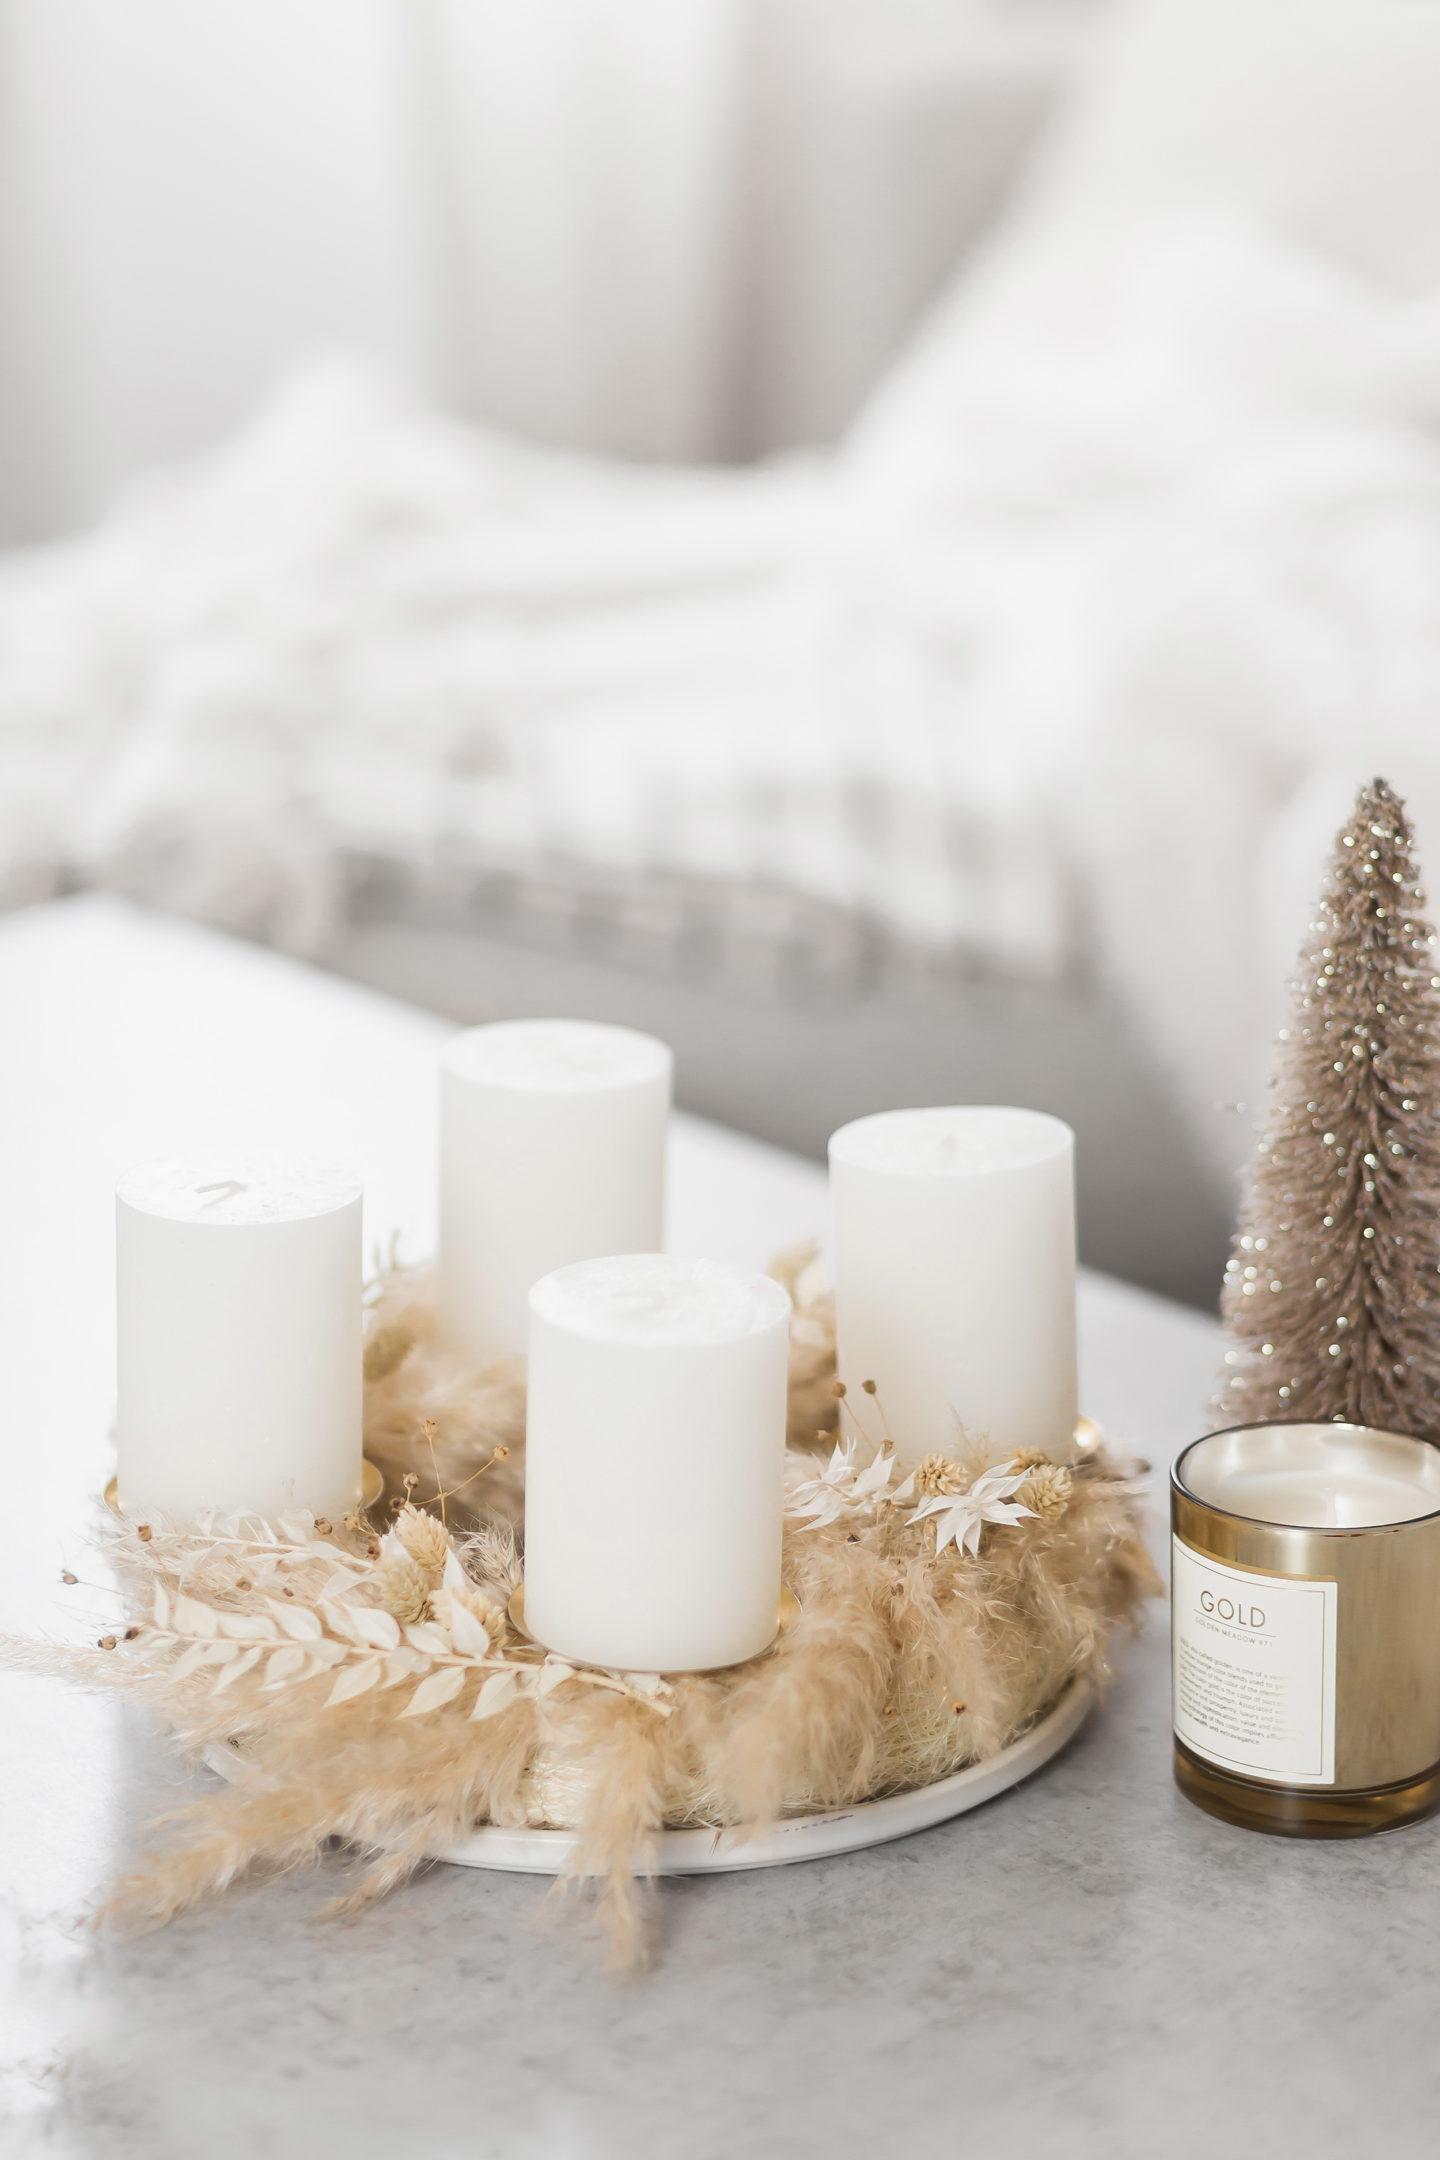 Einfacher DIY Adventskranz aus Trockenblumen, moderner Adventskranz, Adventskranz selber machen, Weihnachtsdeko, bezauberndenana